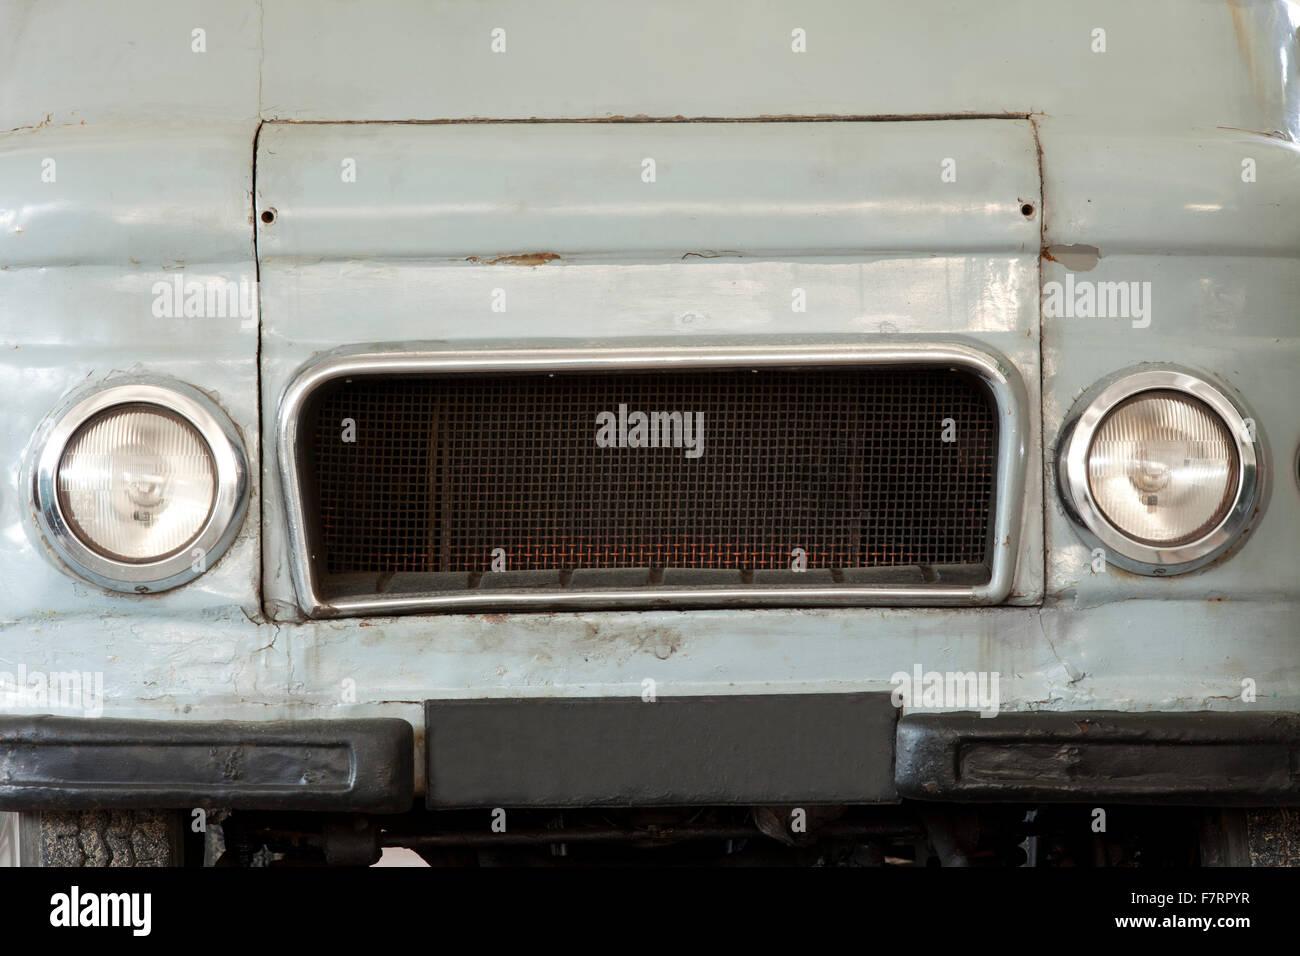 Corps avant de vieux camion ou camion vintage Photo Stock